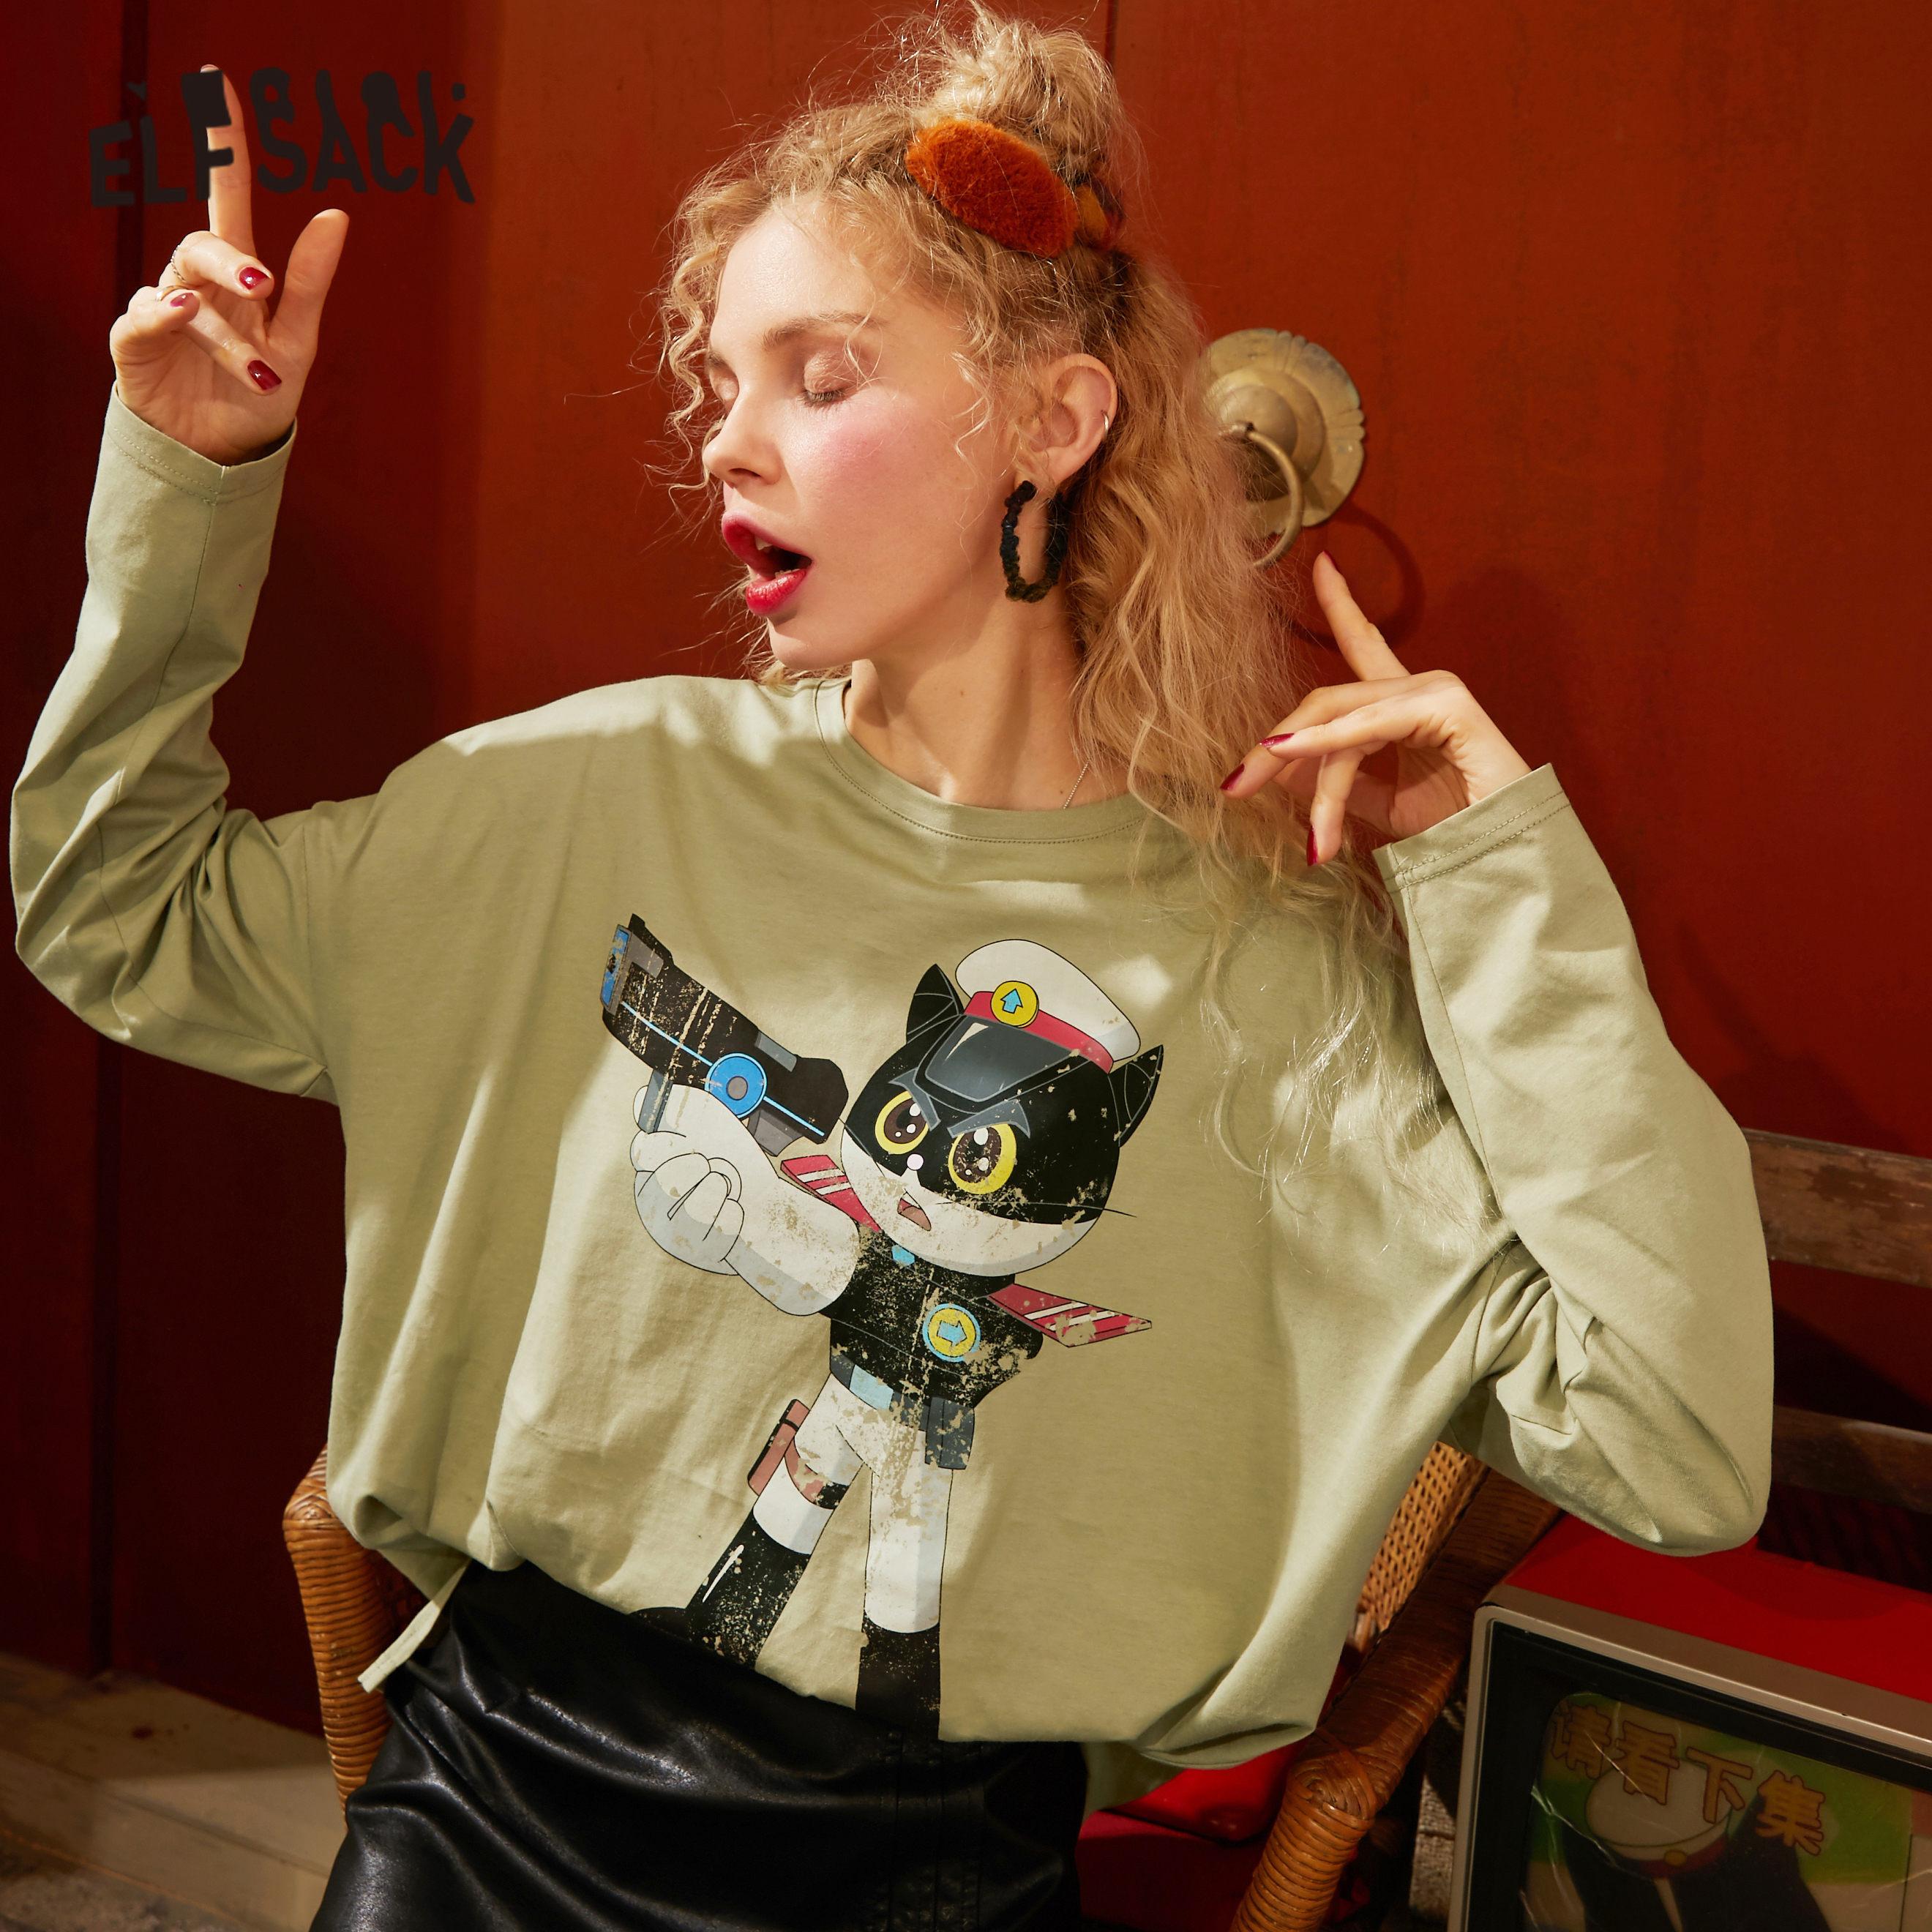 ELFSACK-Camiseta holgada informal con estampado de dibujos animados para mujer, ropa de manga larga gris de estilo coreano para mujer, diarios, 2020